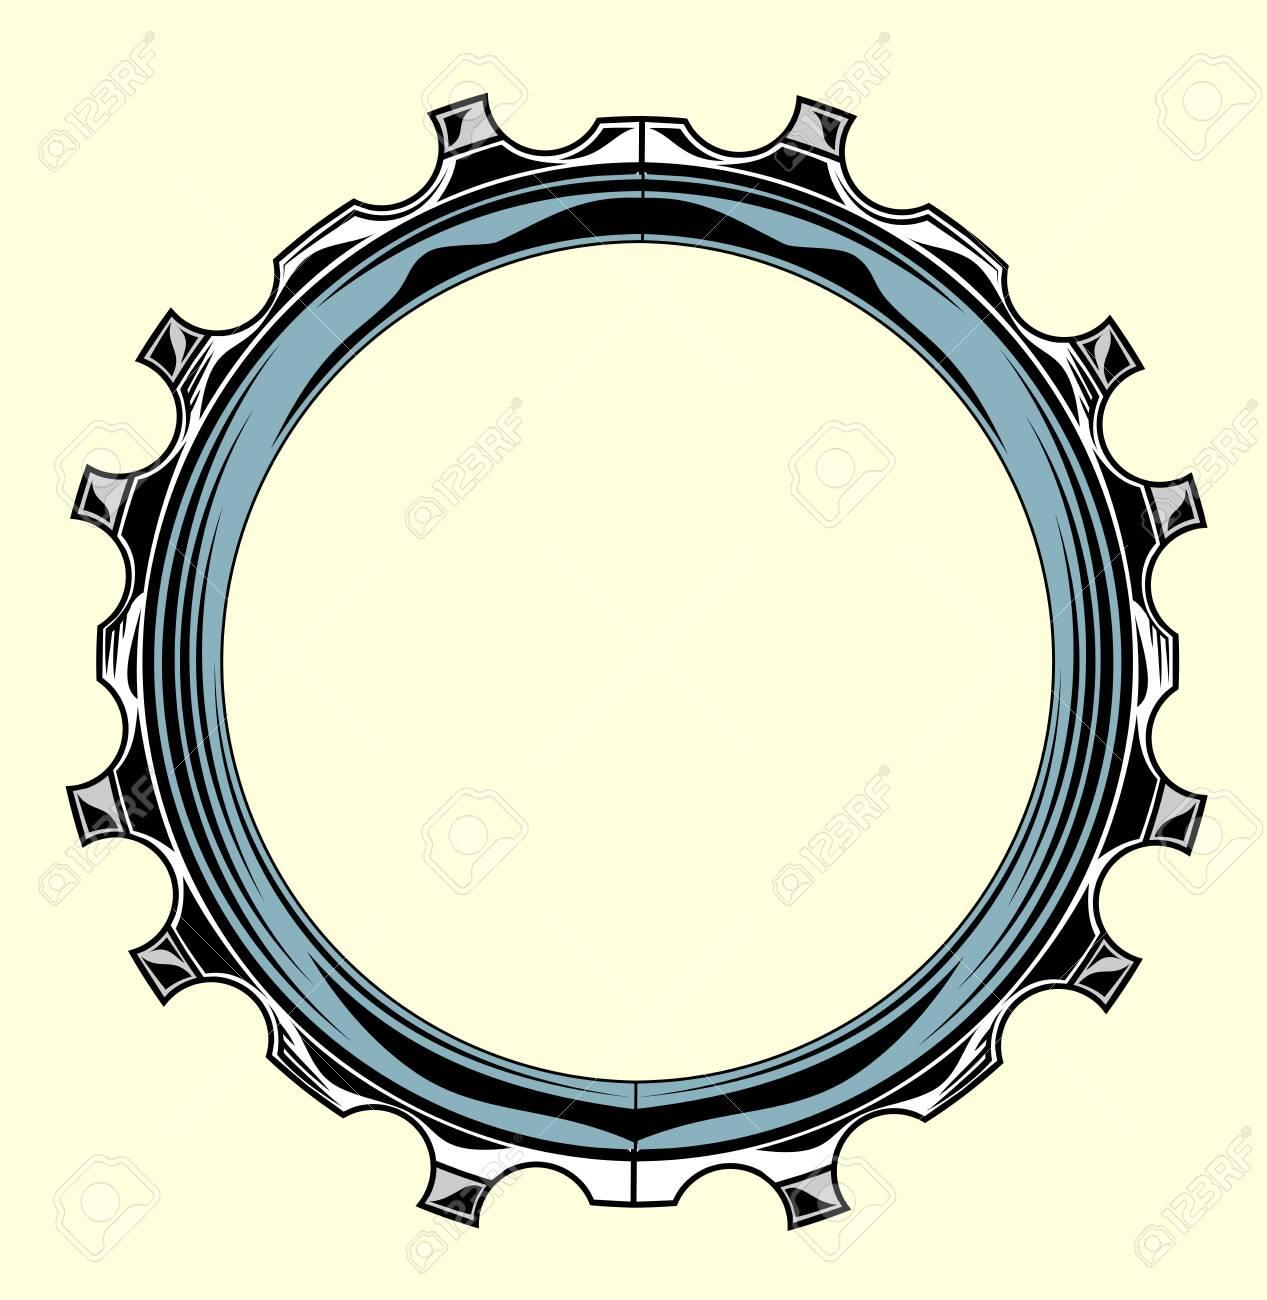 Steel, metal hoop, circle, frame - 130864045